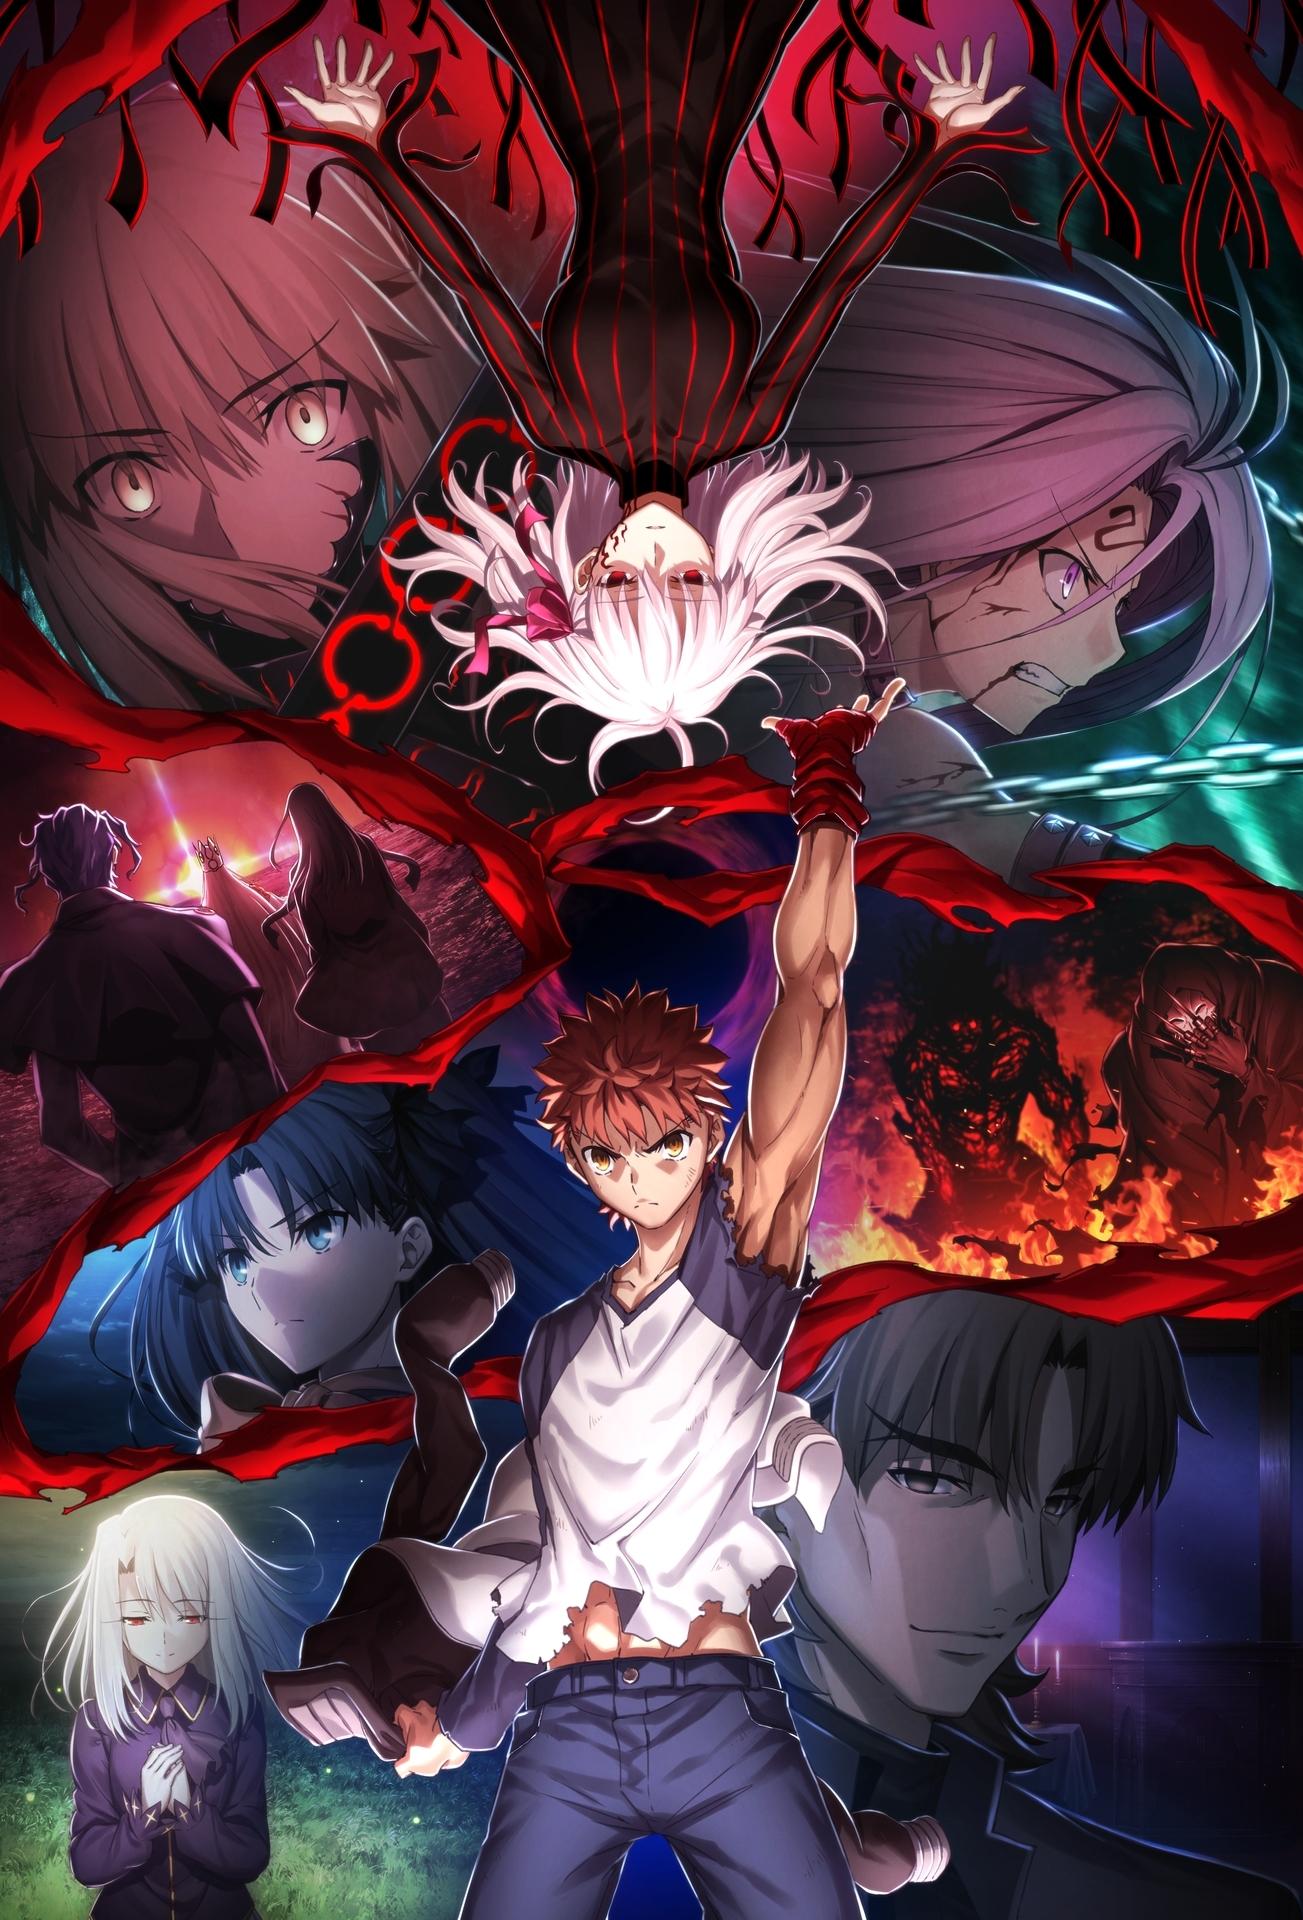 劇場版「Fate/stay night [Heaven's Feel]」Ⅲ.spring songキービジュアル (C)TYPE-MOON・ufotable・FSNPC